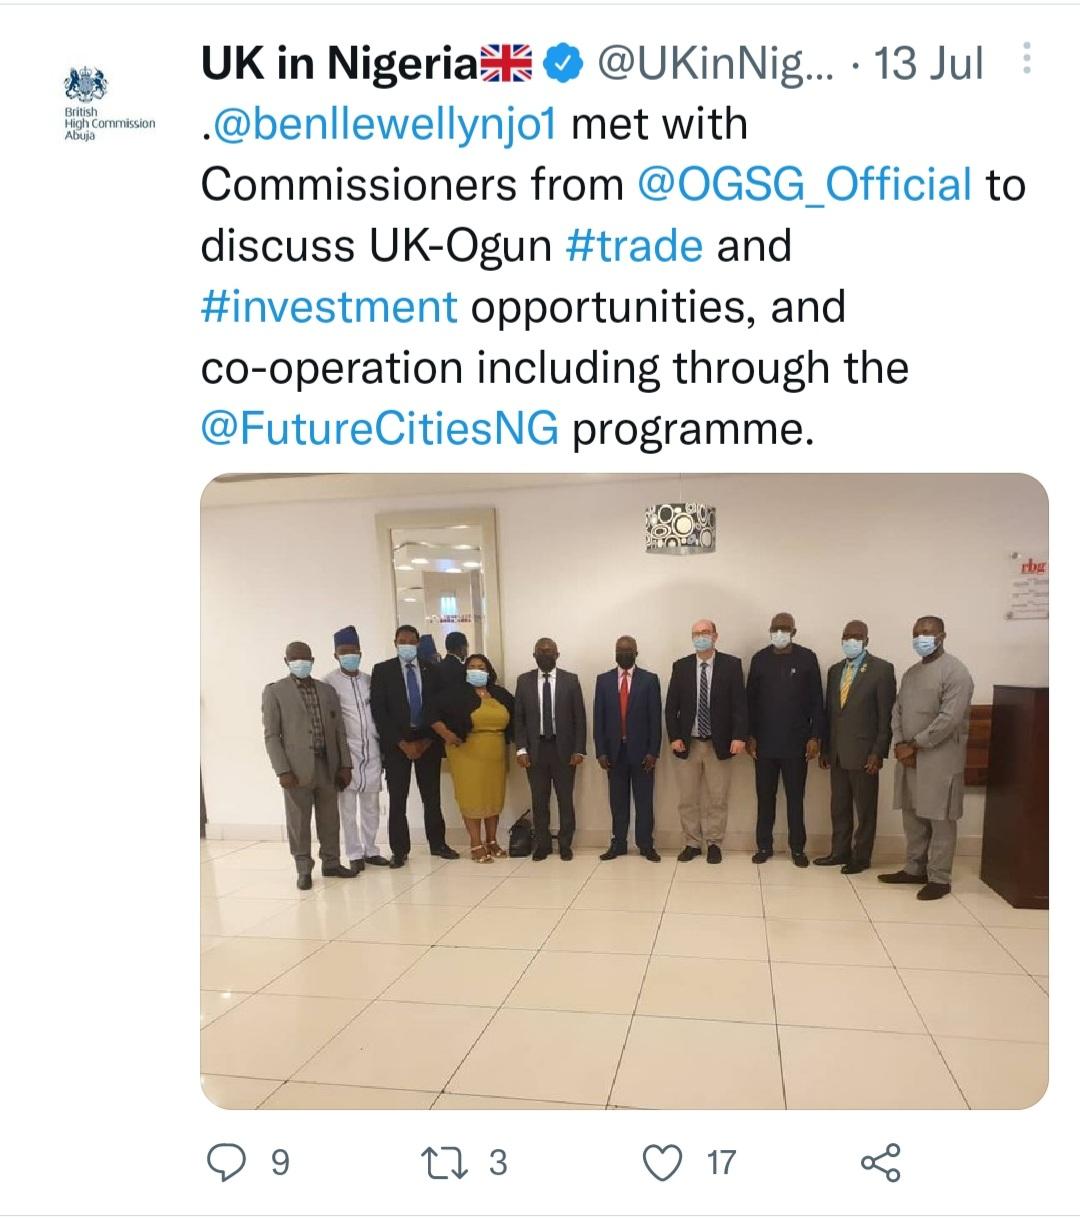 UK partnership with Ogun State